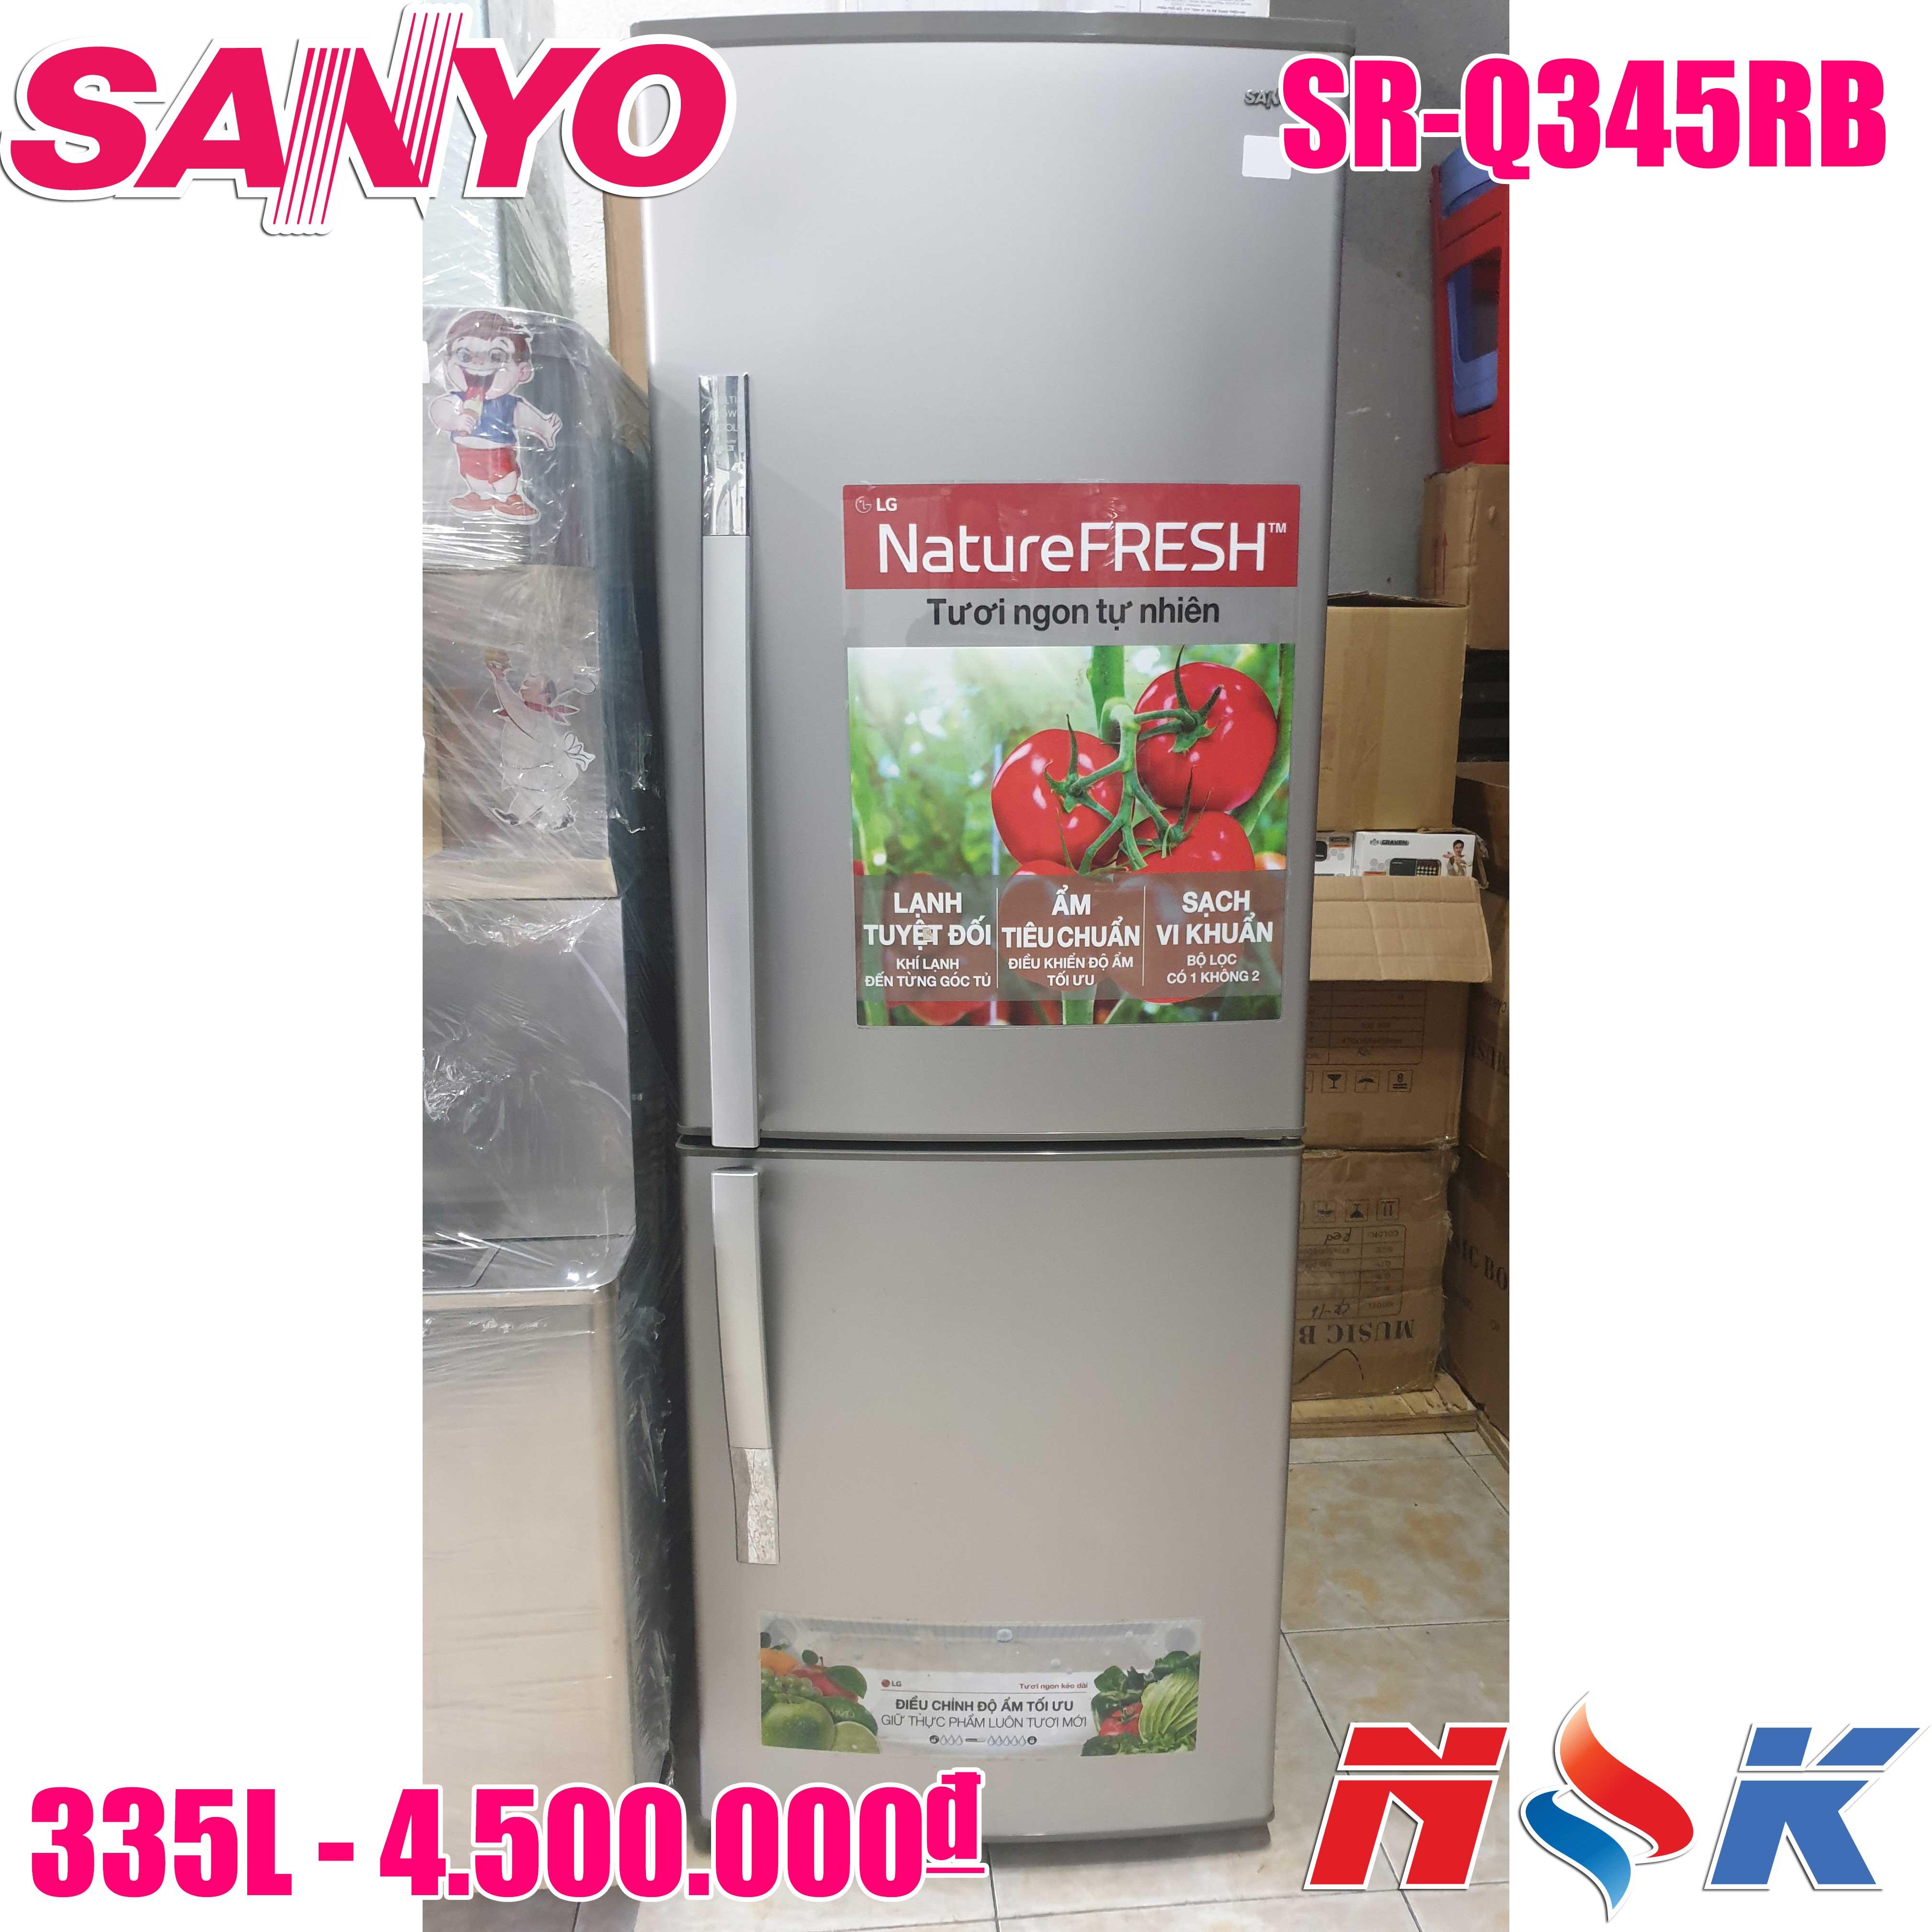 Tủ Lạnh Toshiba, Sanyo, Samsung, Panasonic... Mới & Cũ Giá Rẻ !!! - 6